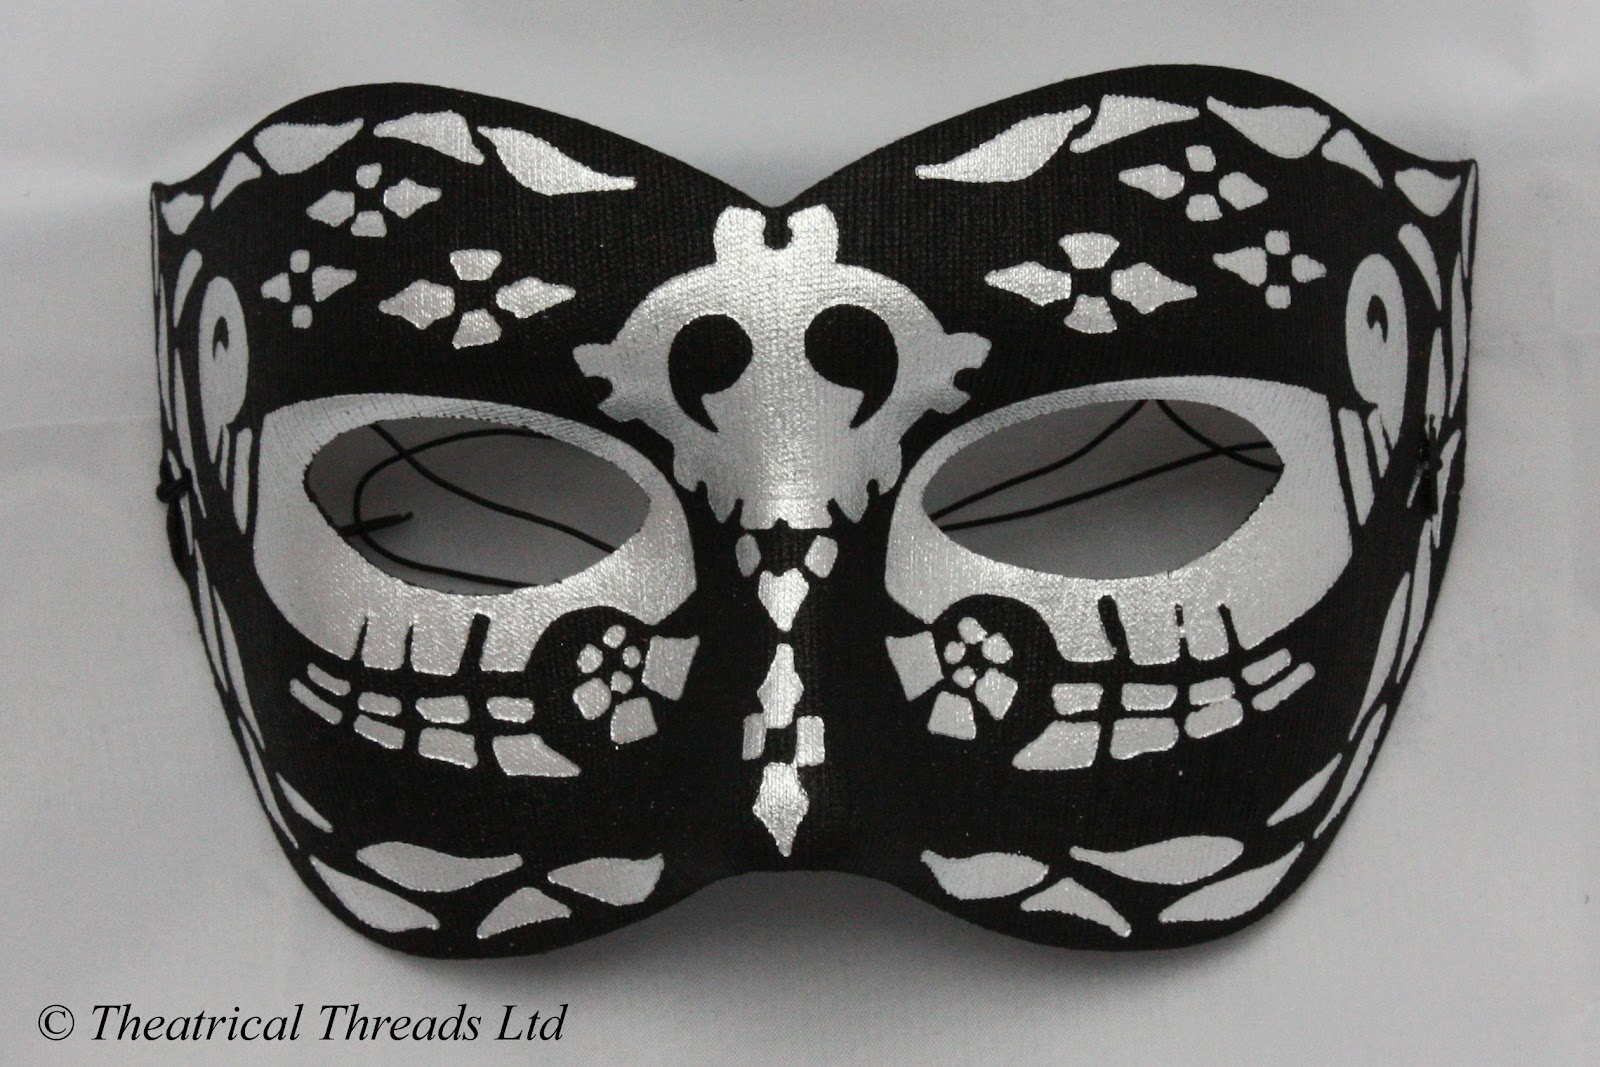 e2a07cbc4e28 Night Black & Silver Masquerade Ball Mask from Theatrical Threads Ltd